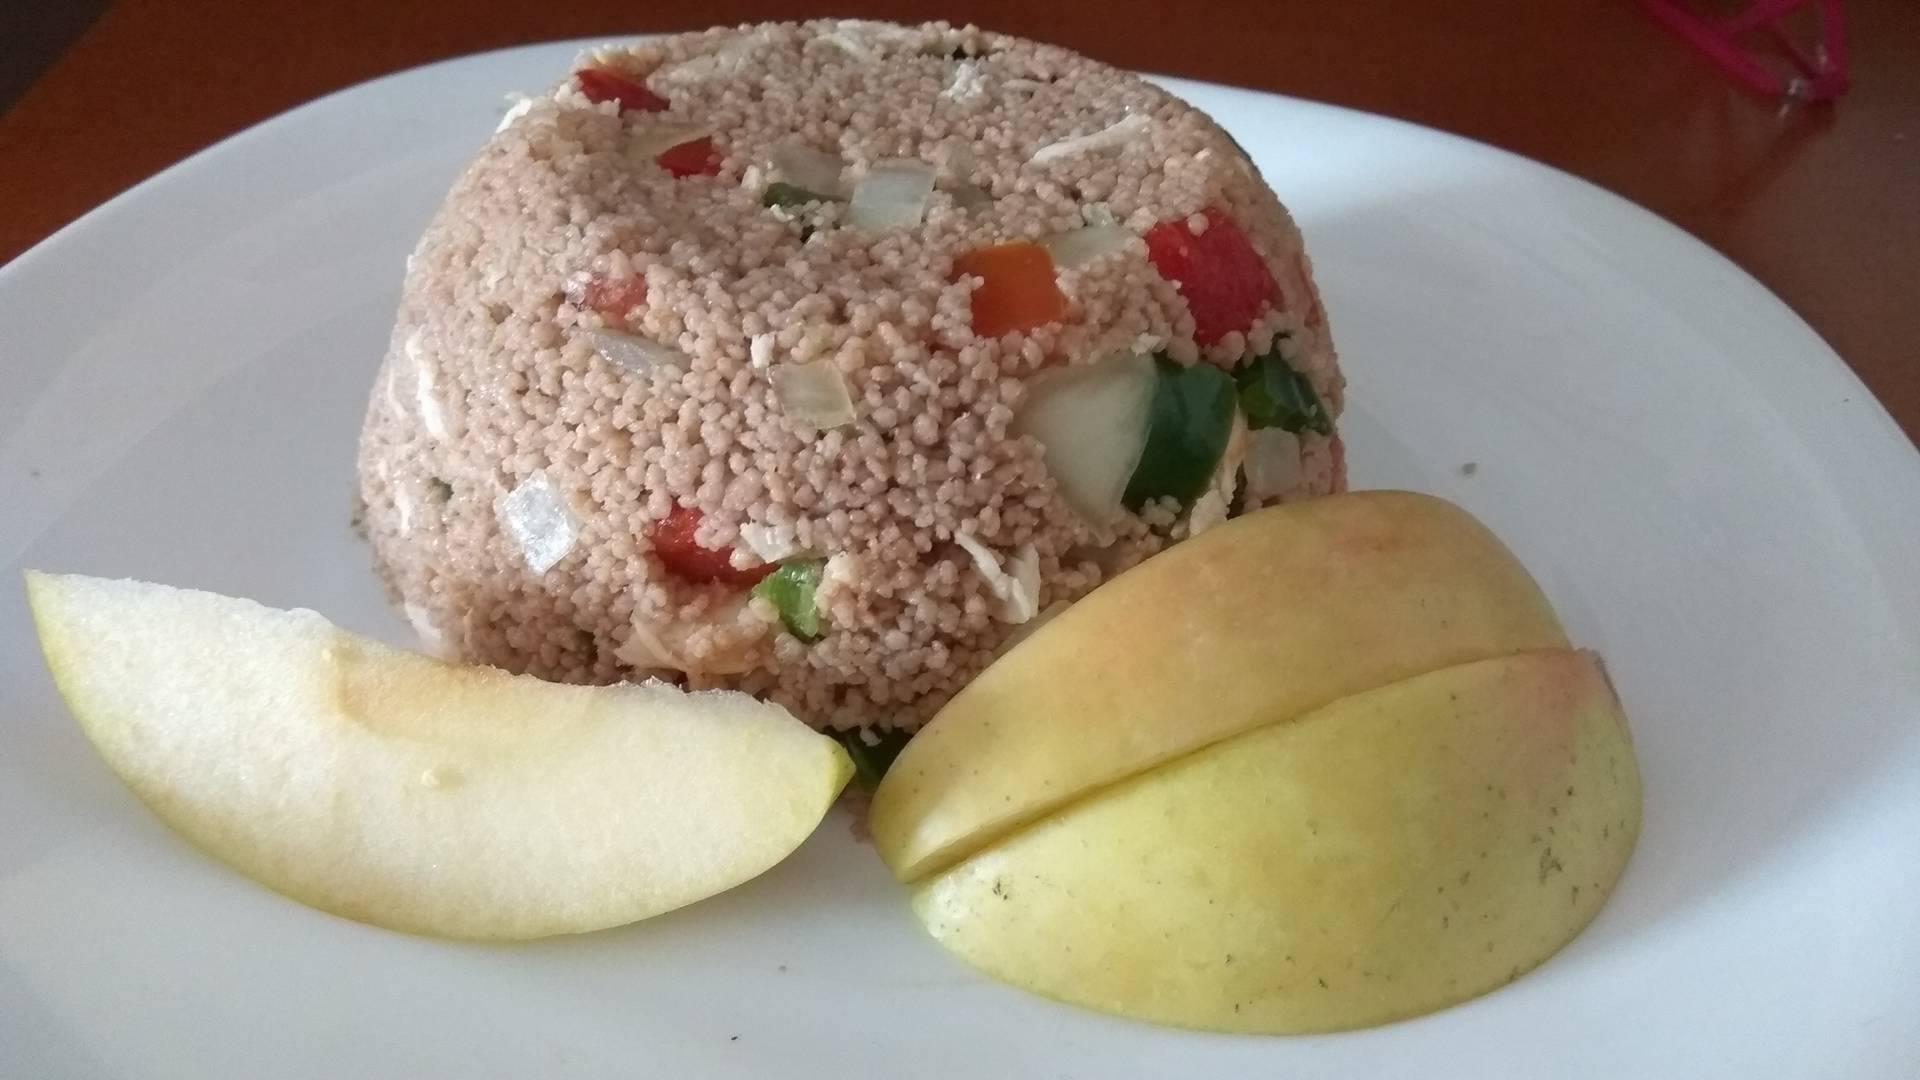 Ensalada de Cous Cous de Espelta Integral Bio con pollo y hortalizas, como los alimentos Bio dan muchísimo sabor 1